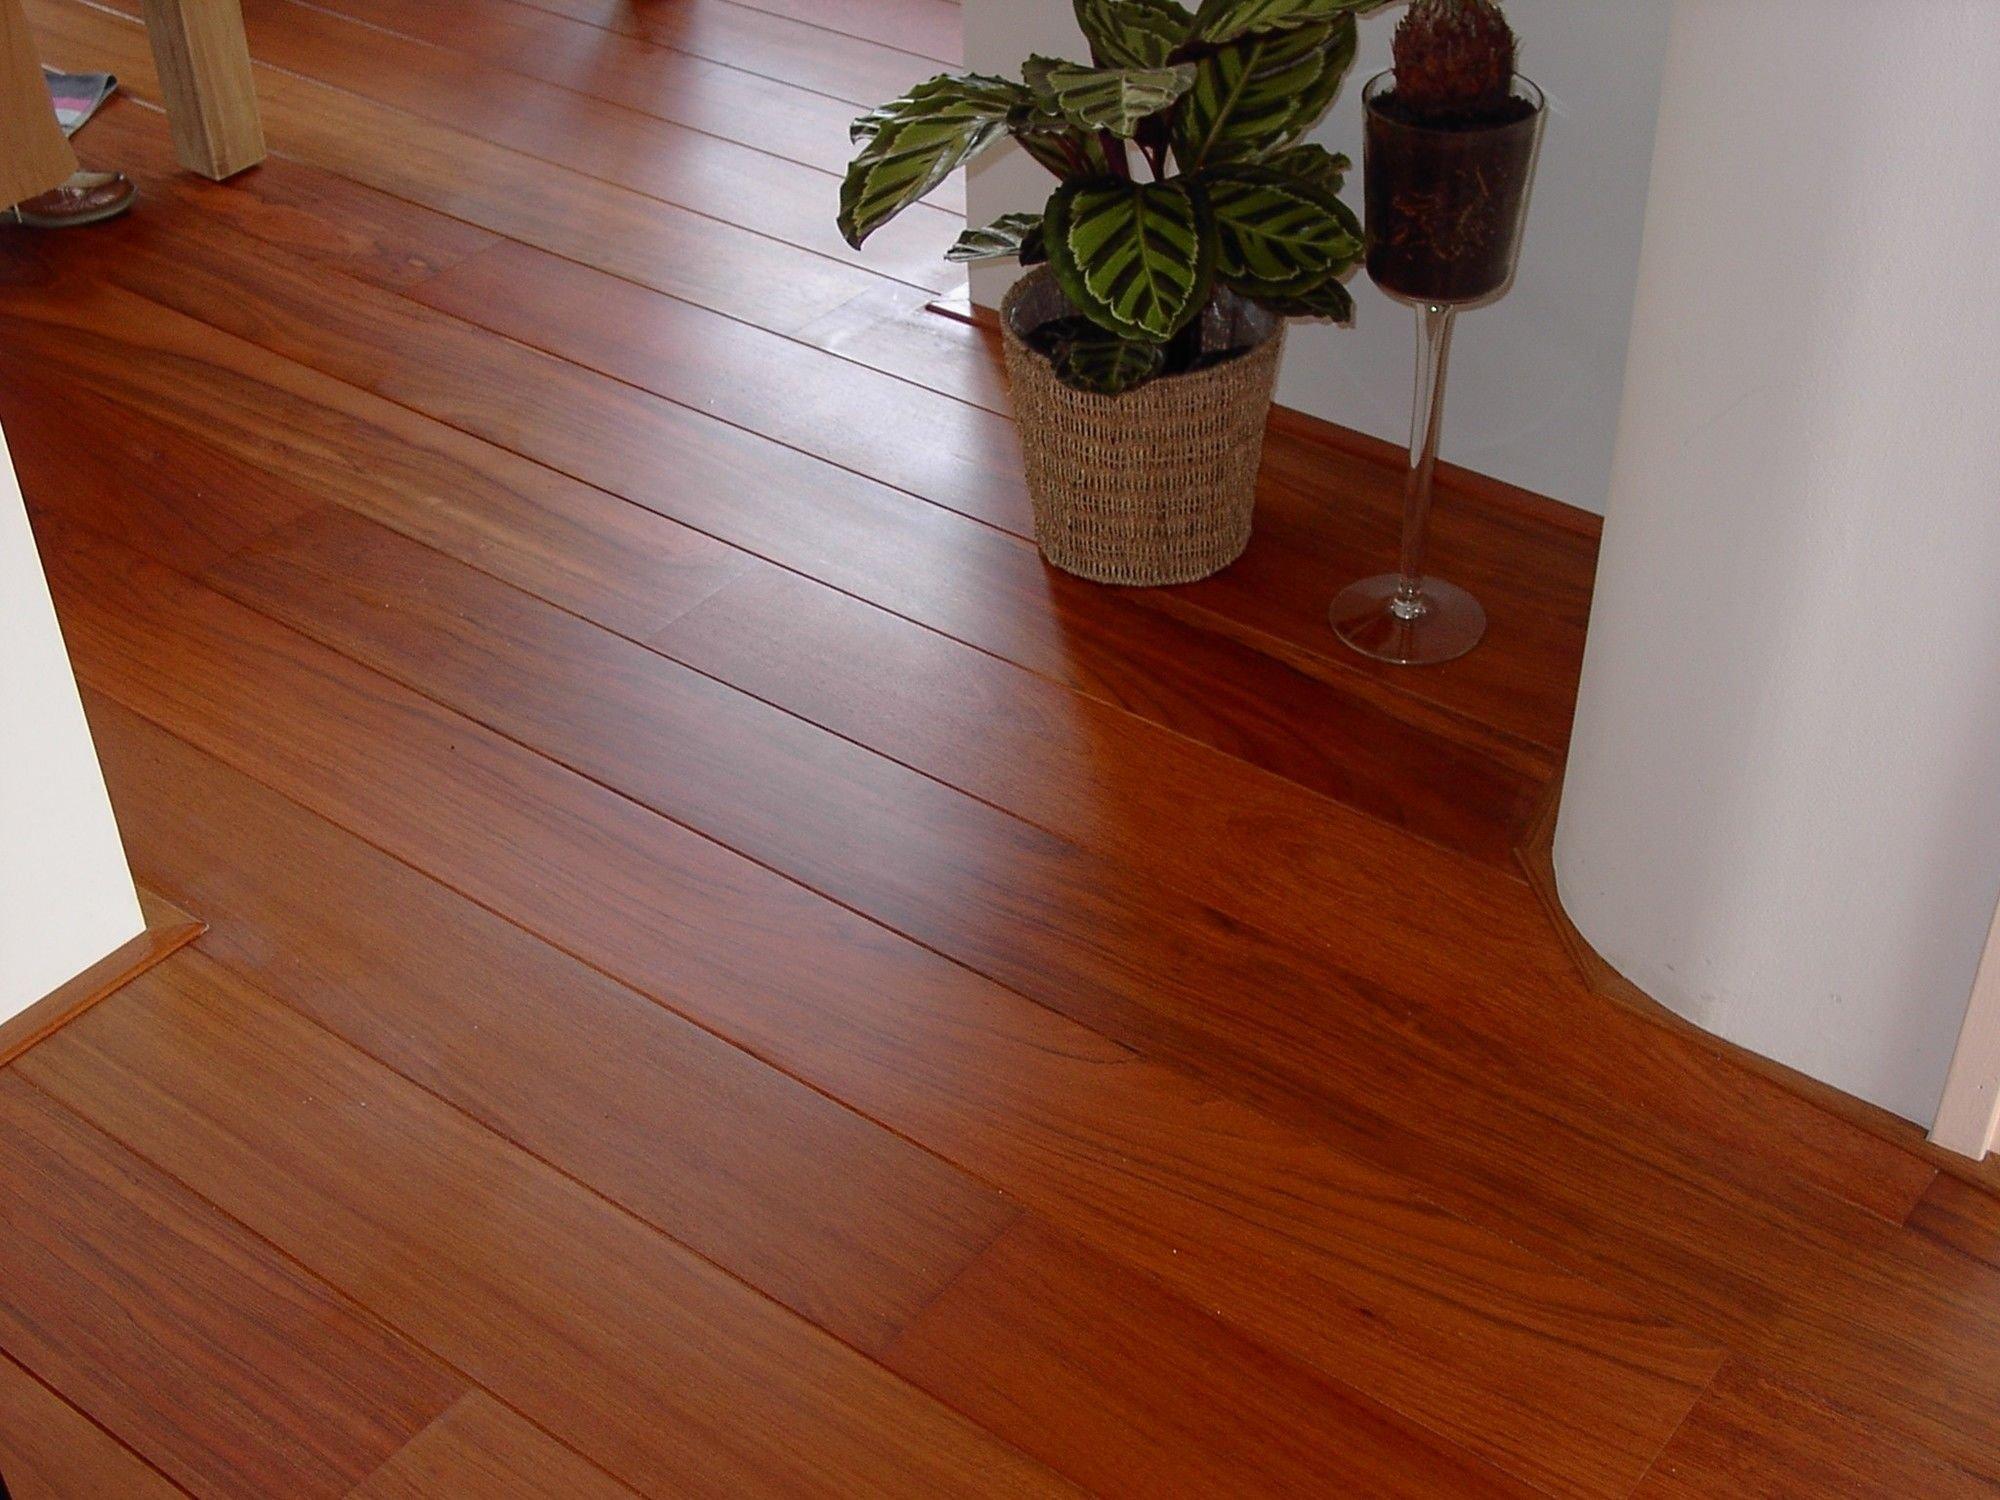 Jatoba houten vloer aanbieding compleet geplaatst incl randaf